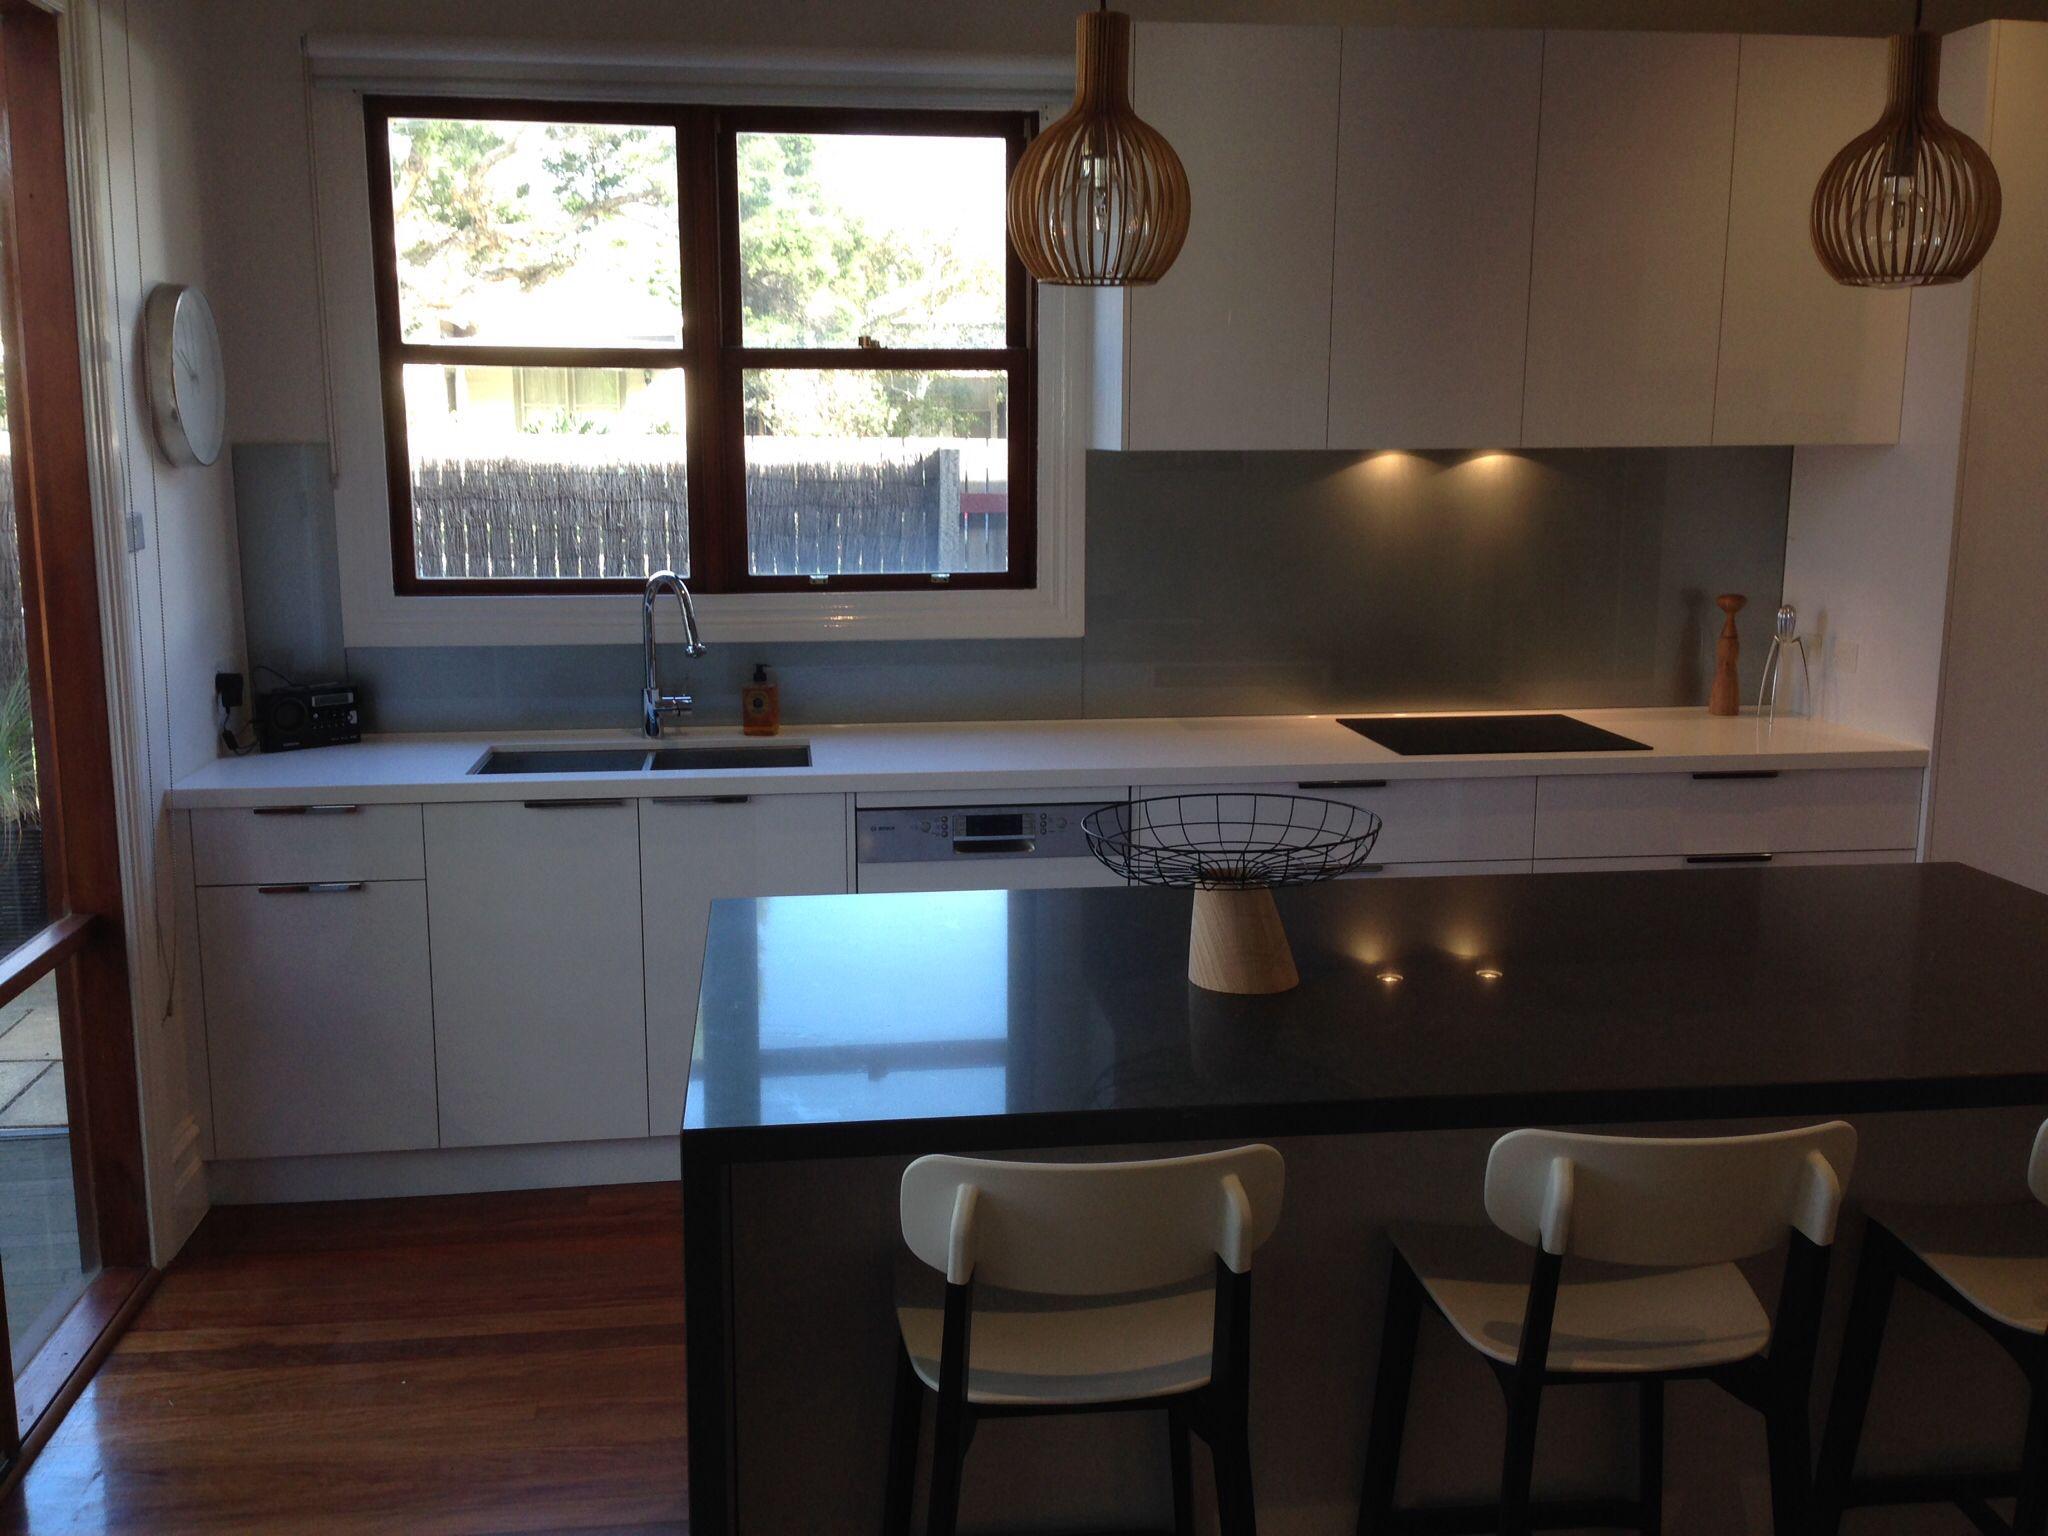 White kitchen   Home decor, Home